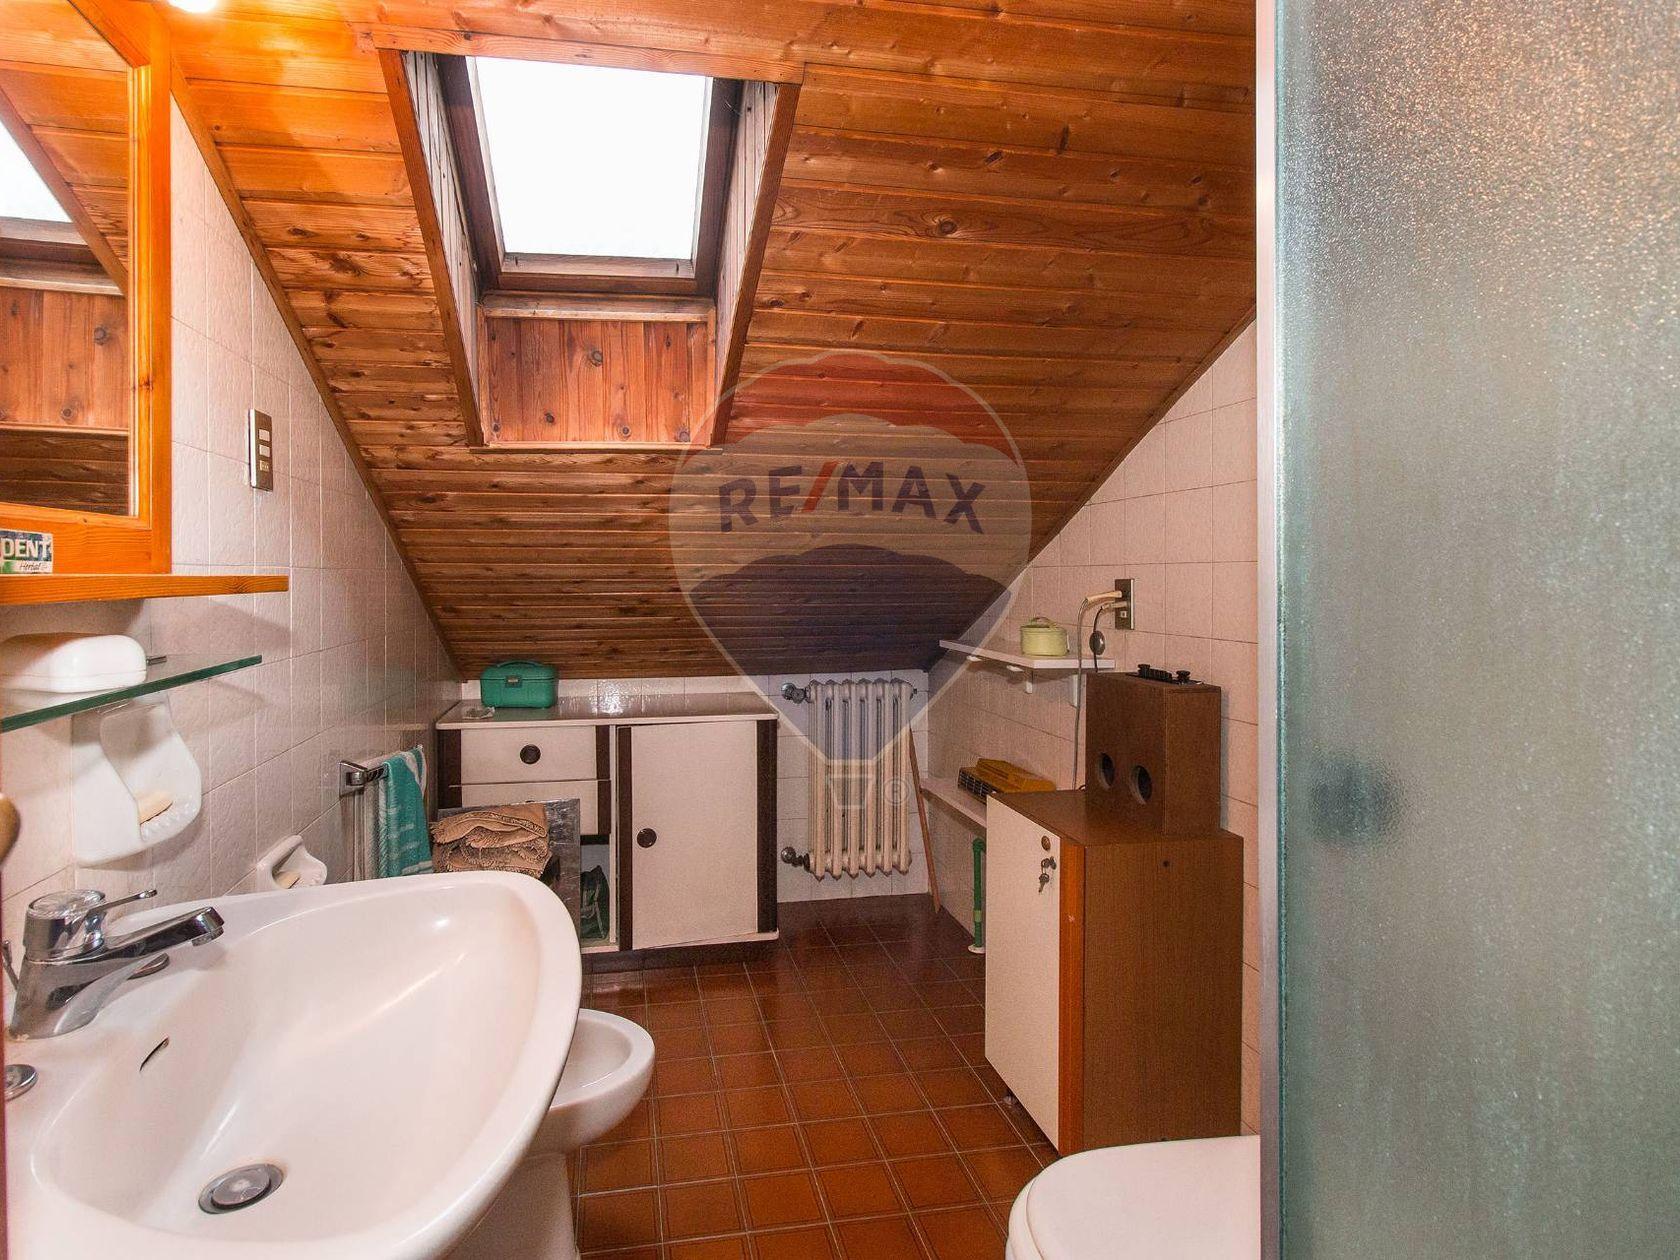 Appartamento San Pietro, Moncalieri, TO Vendita - Foto 30